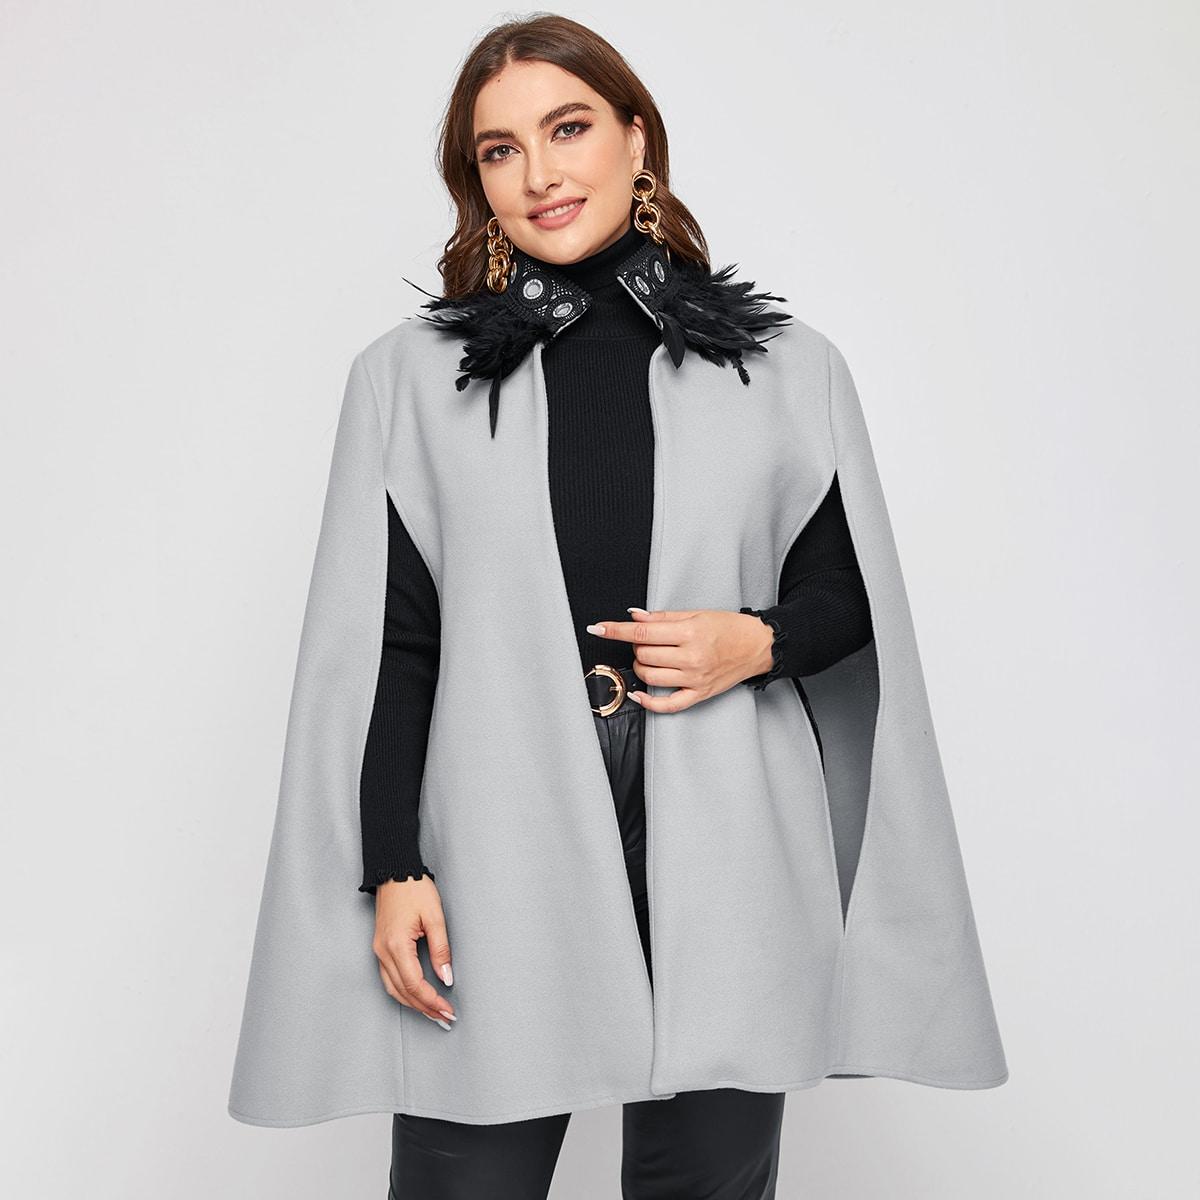 Контрастные кружева Элегантный Плюс размеры пальто